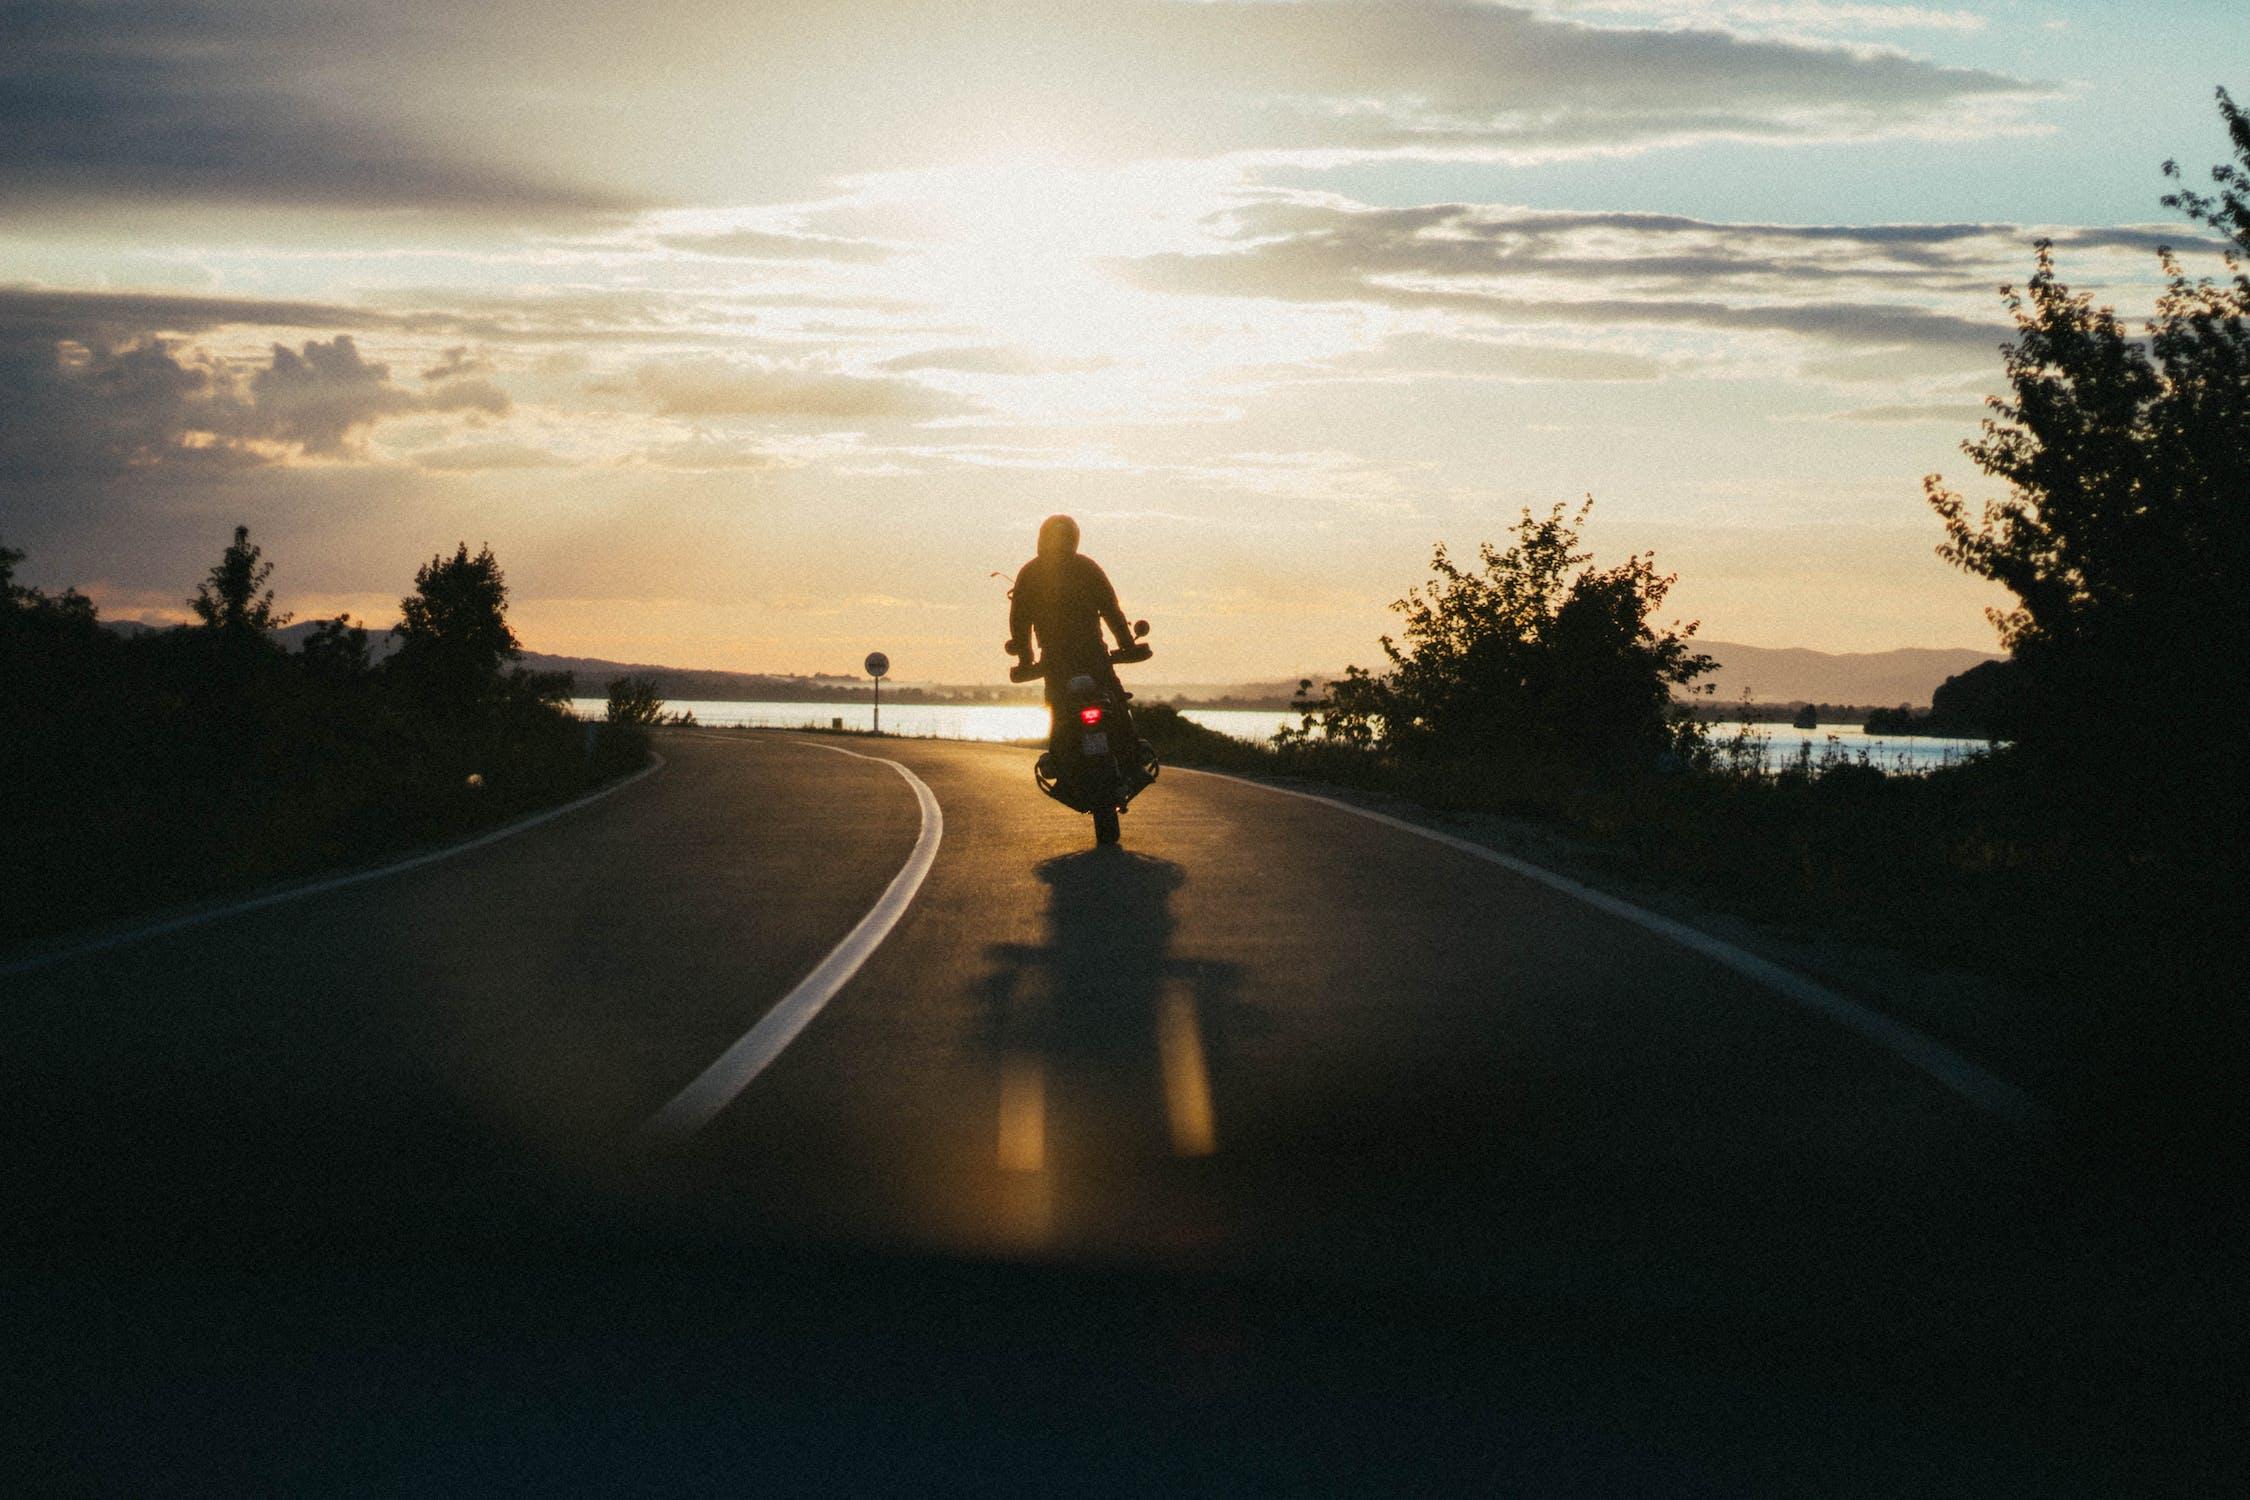 Das ist neu! – Mit dem PKW-Führerschein 125er-Leichtkrafträder fahren.